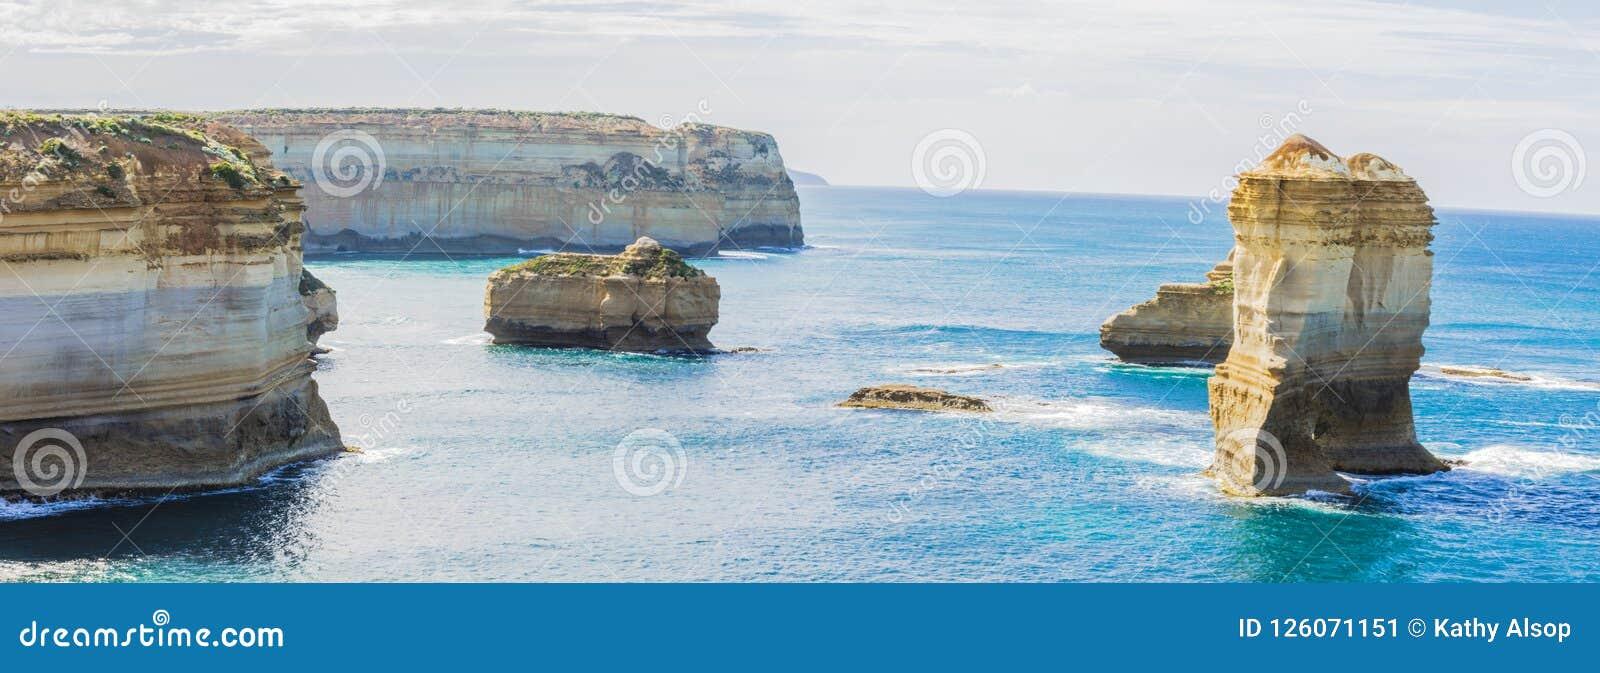 Ущелье озера Panarama около 12 апостолов в Виктория Австралии